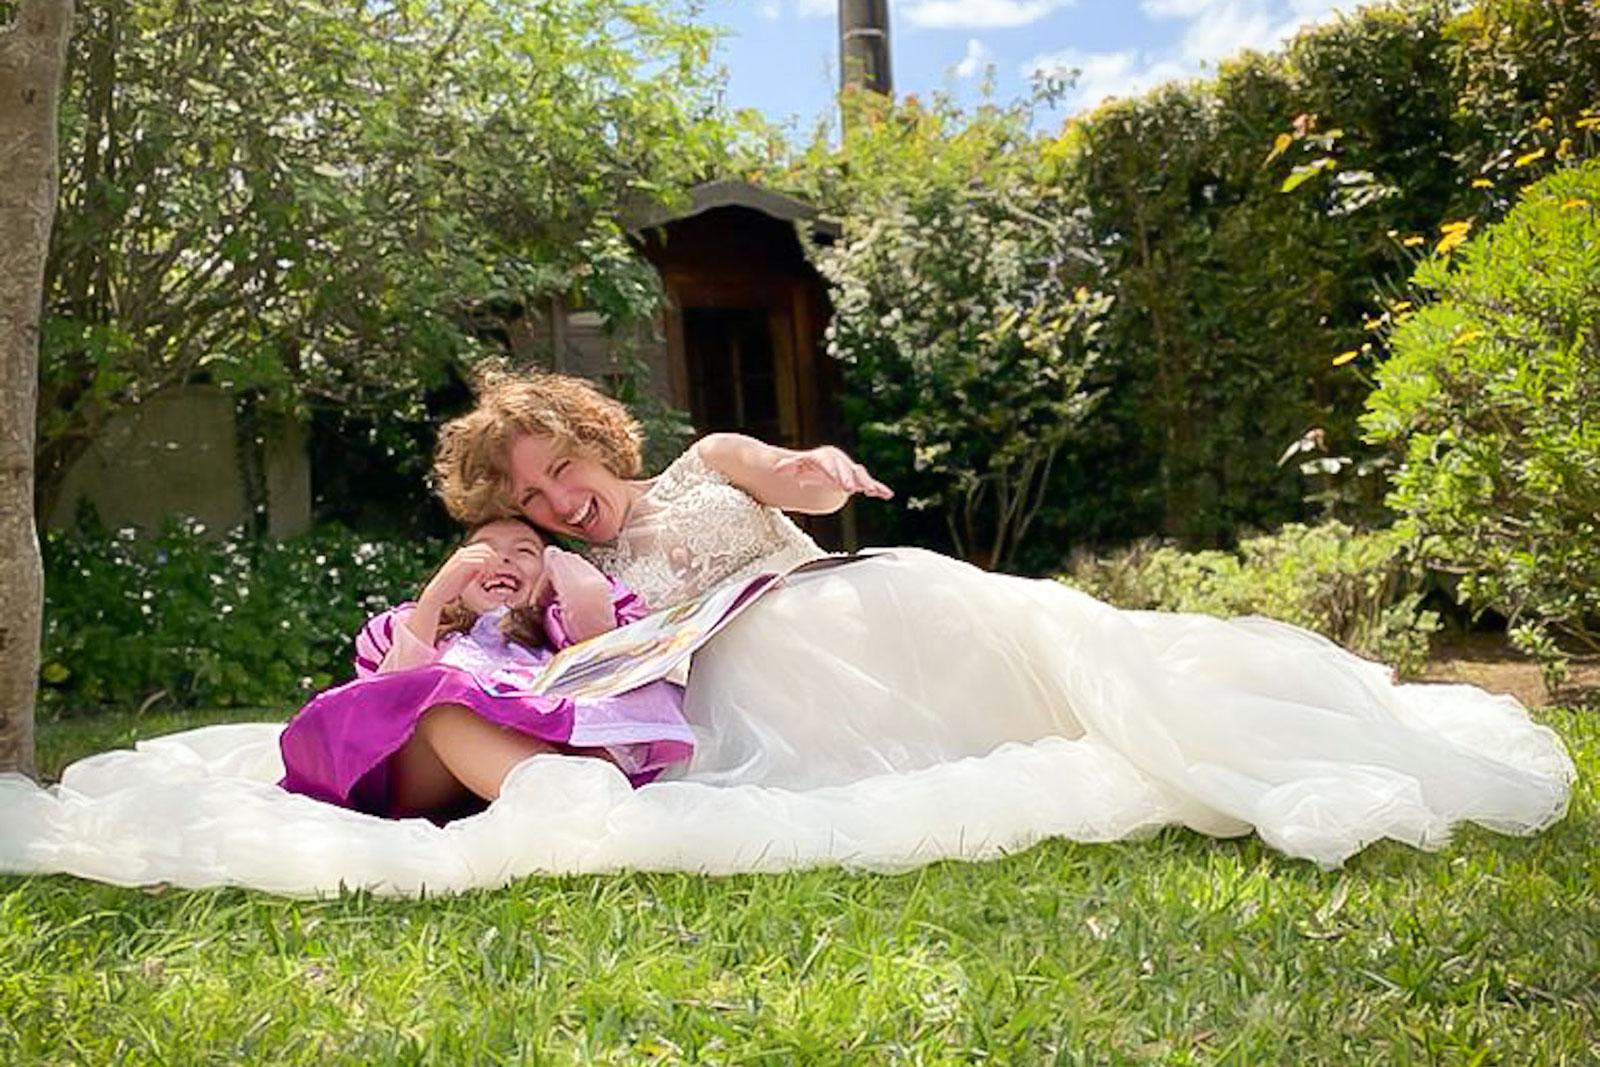 Rita Aleluia com criança, deitados na relva, durante um momento de gargalhada.